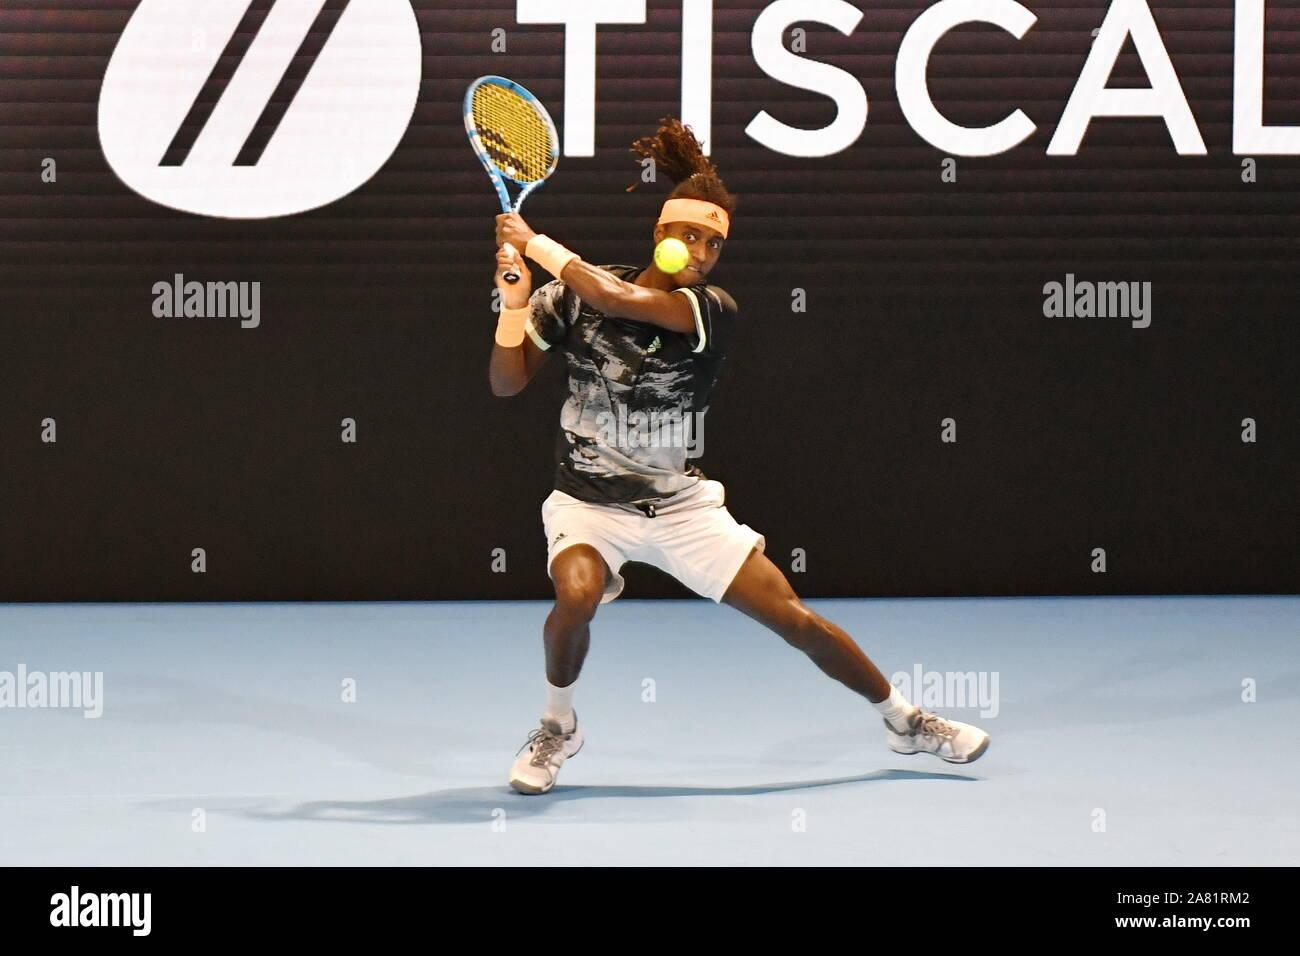 Milán, Italia, 05 Nov 2019, Mikael ymer durante la próxima generación finales ATP - Torneo ronda - Ugo Humbert vs Mikael Ymer - Tenis Internationals - Crédito: LPS/Alessio Tarpini/Alamy Live News Foto de stock